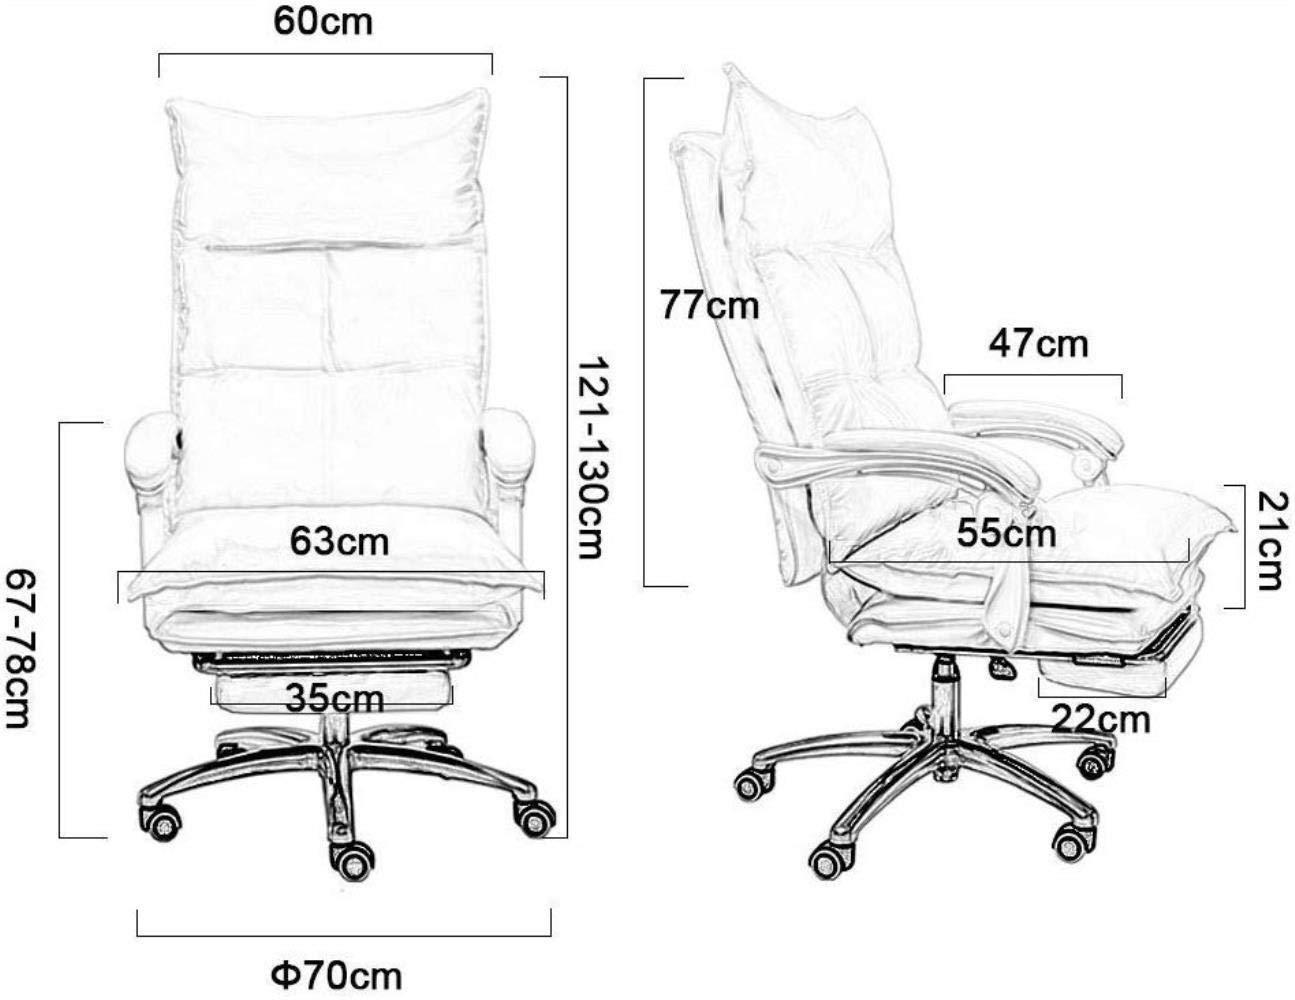 Barstolar Xiuyun kontorsstol spelstol datorstol verkställande svängbar stol PU skrivbordsstol 170 ° vilande med utökad legstöd och vilstol 10 cm justerbar höjd (färg: vit) gUL